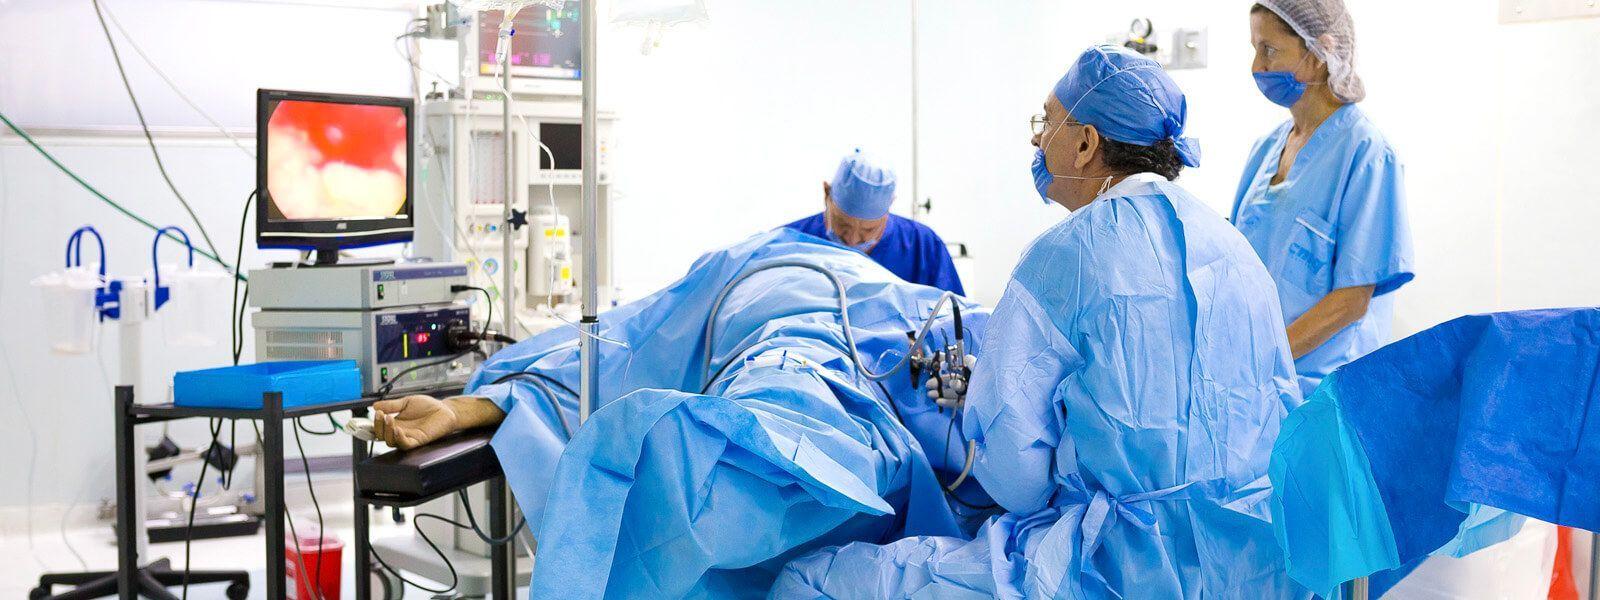 Most men will develop Benign Prostatic Hyperplasia